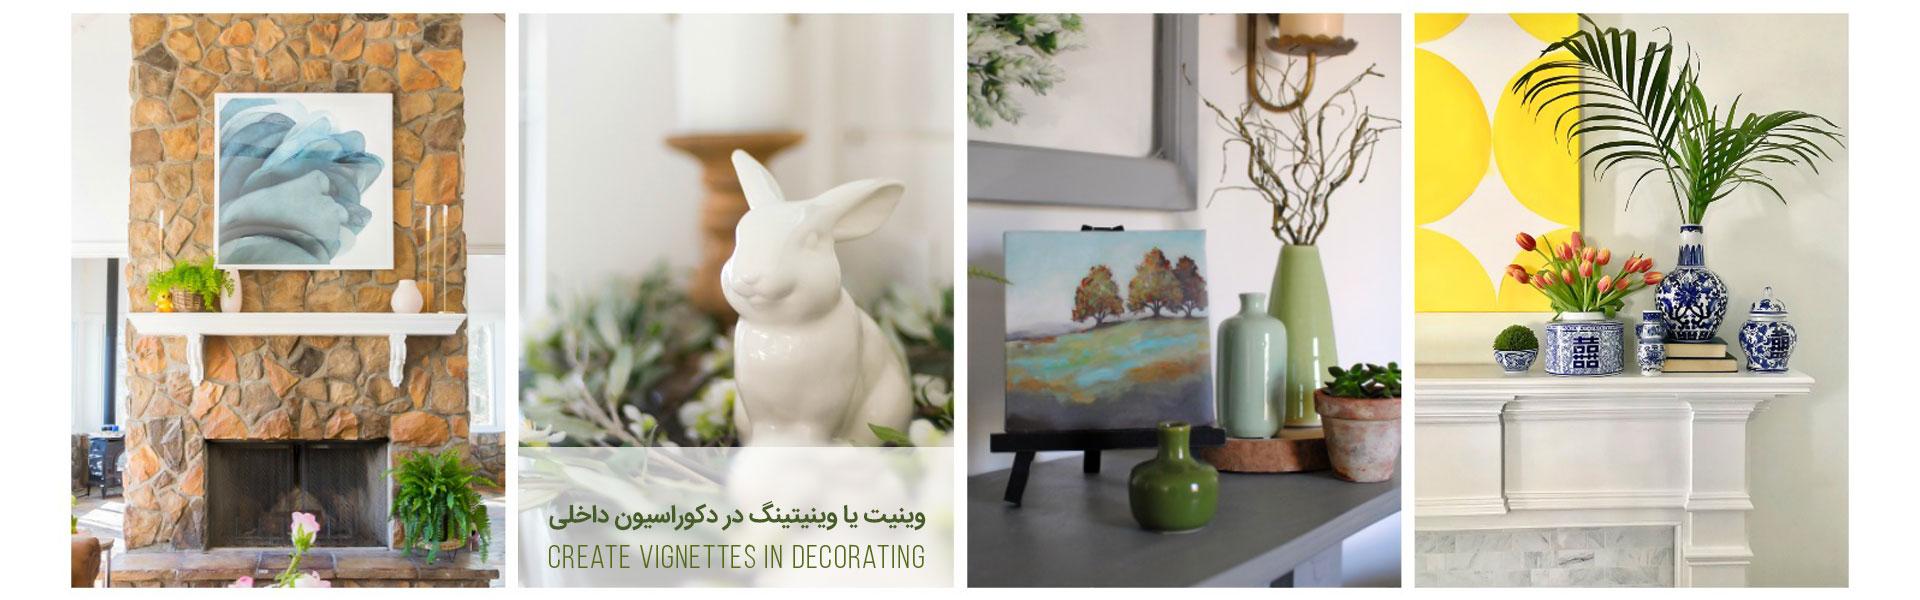 decorasion make vignette1 - وینیت یا وینیتینگ در دکوراسیون داخلی